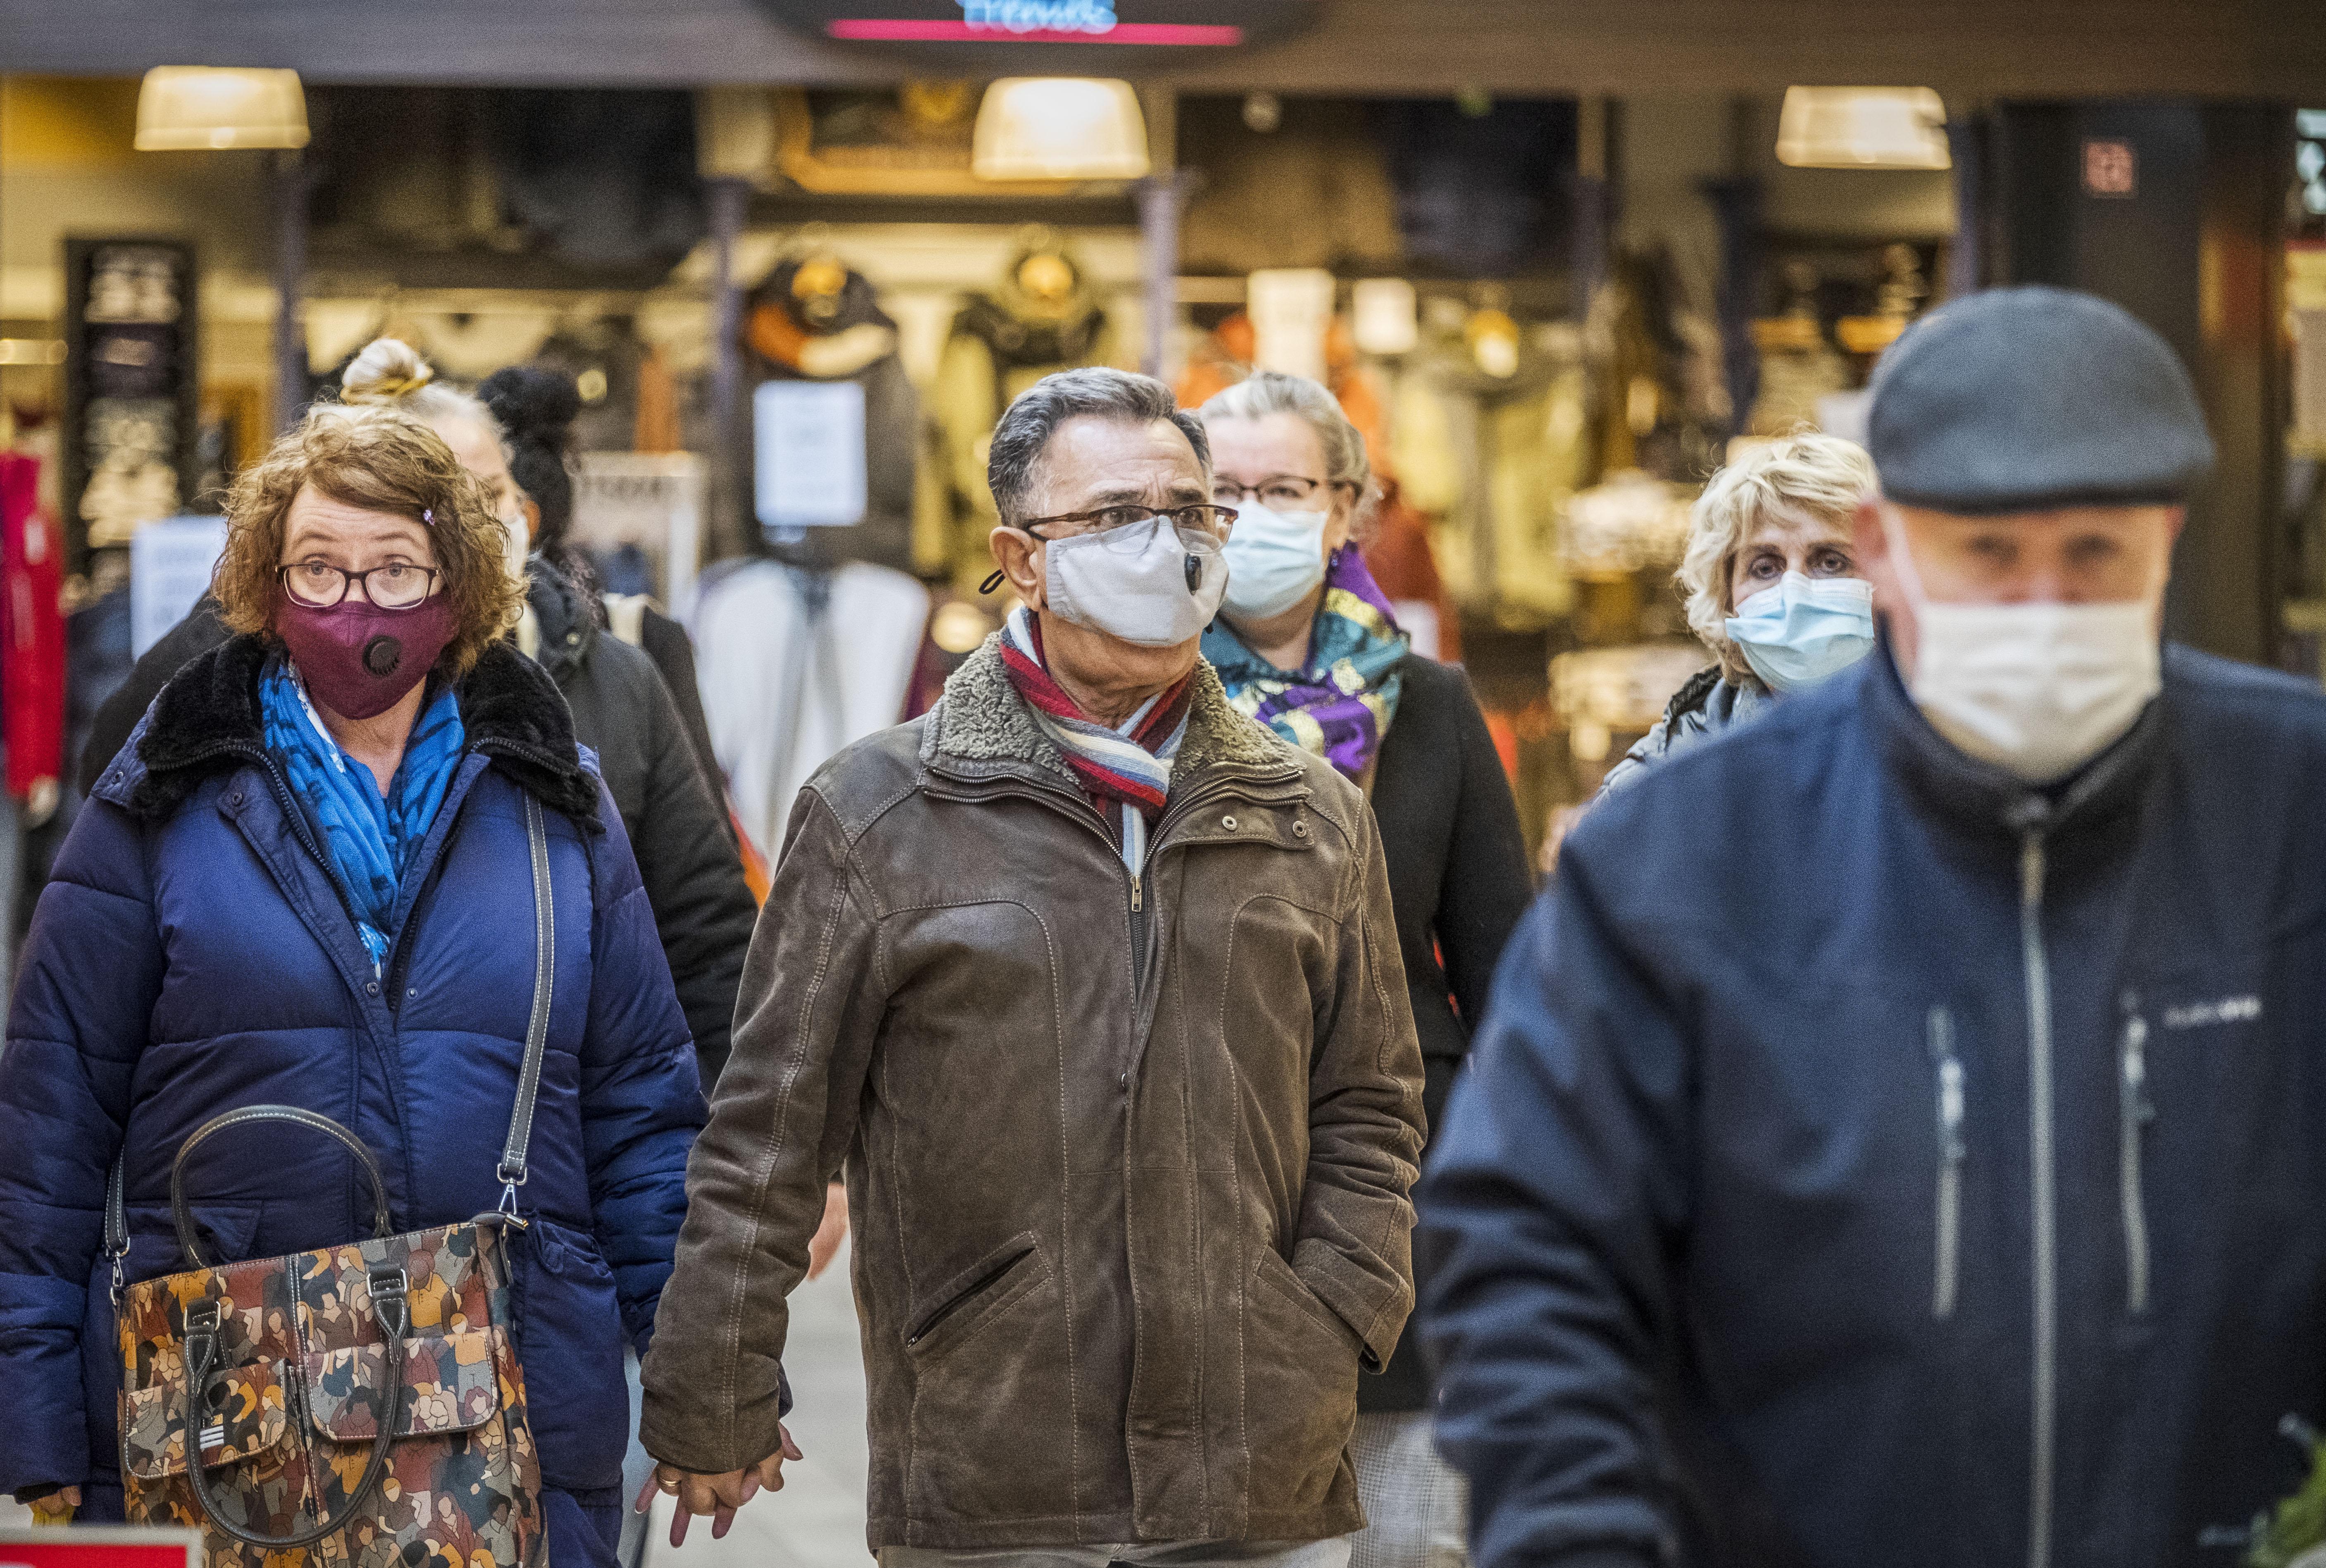 Kan het publiek in overdekt winkelcentrum Middenwaard een beetje wennen aan die mondkapjes? Een enkeling is nog 'blootshoofds'